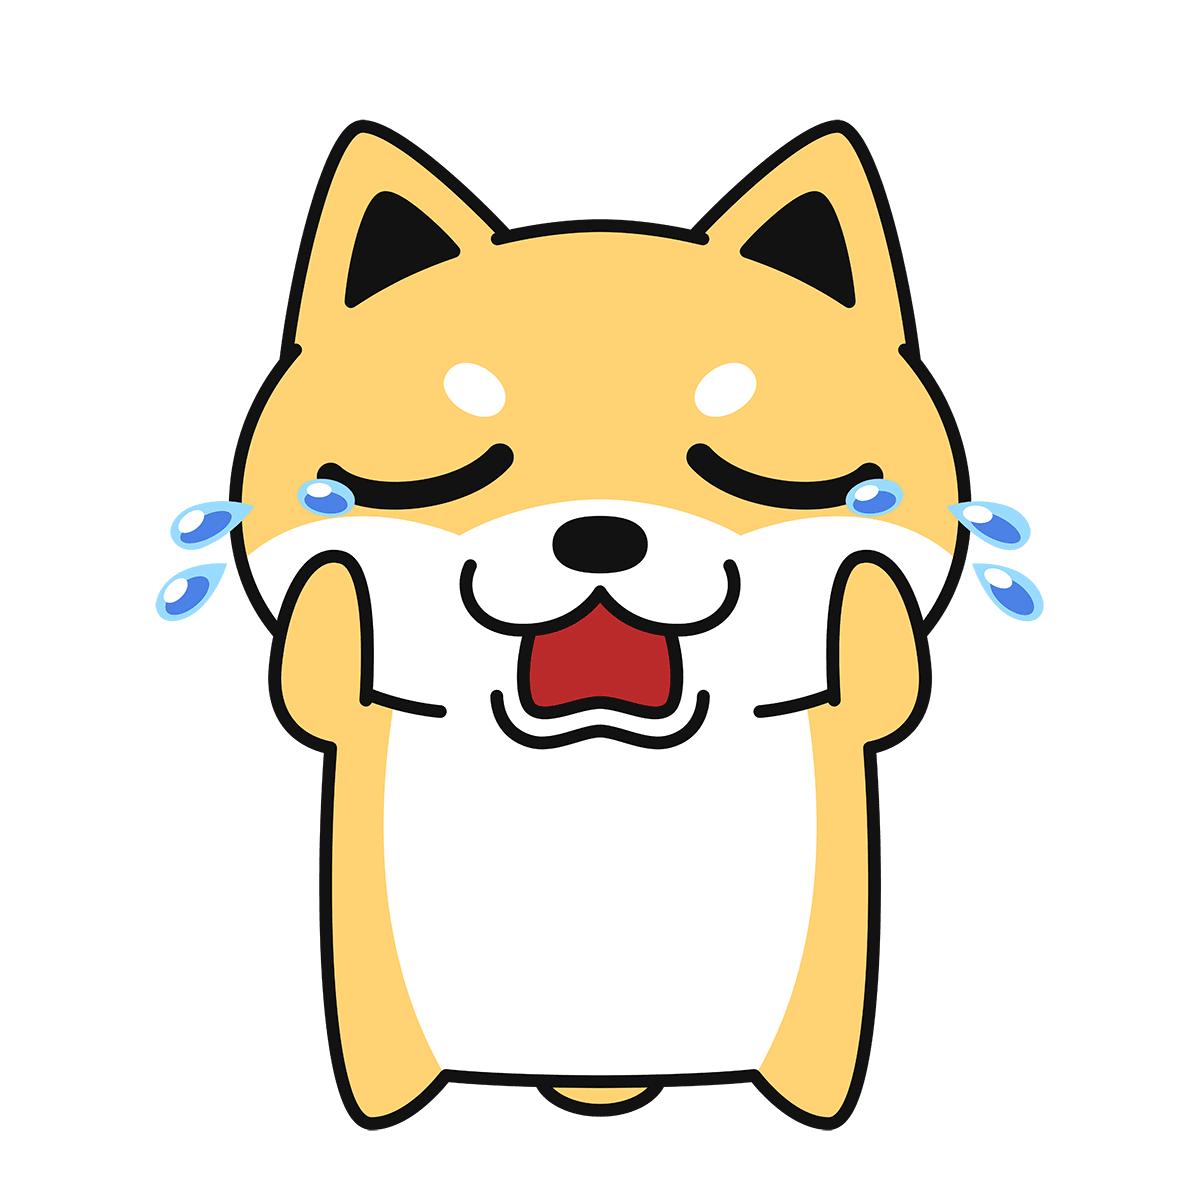 泣く柴犬(コタロー)の無料イラスト